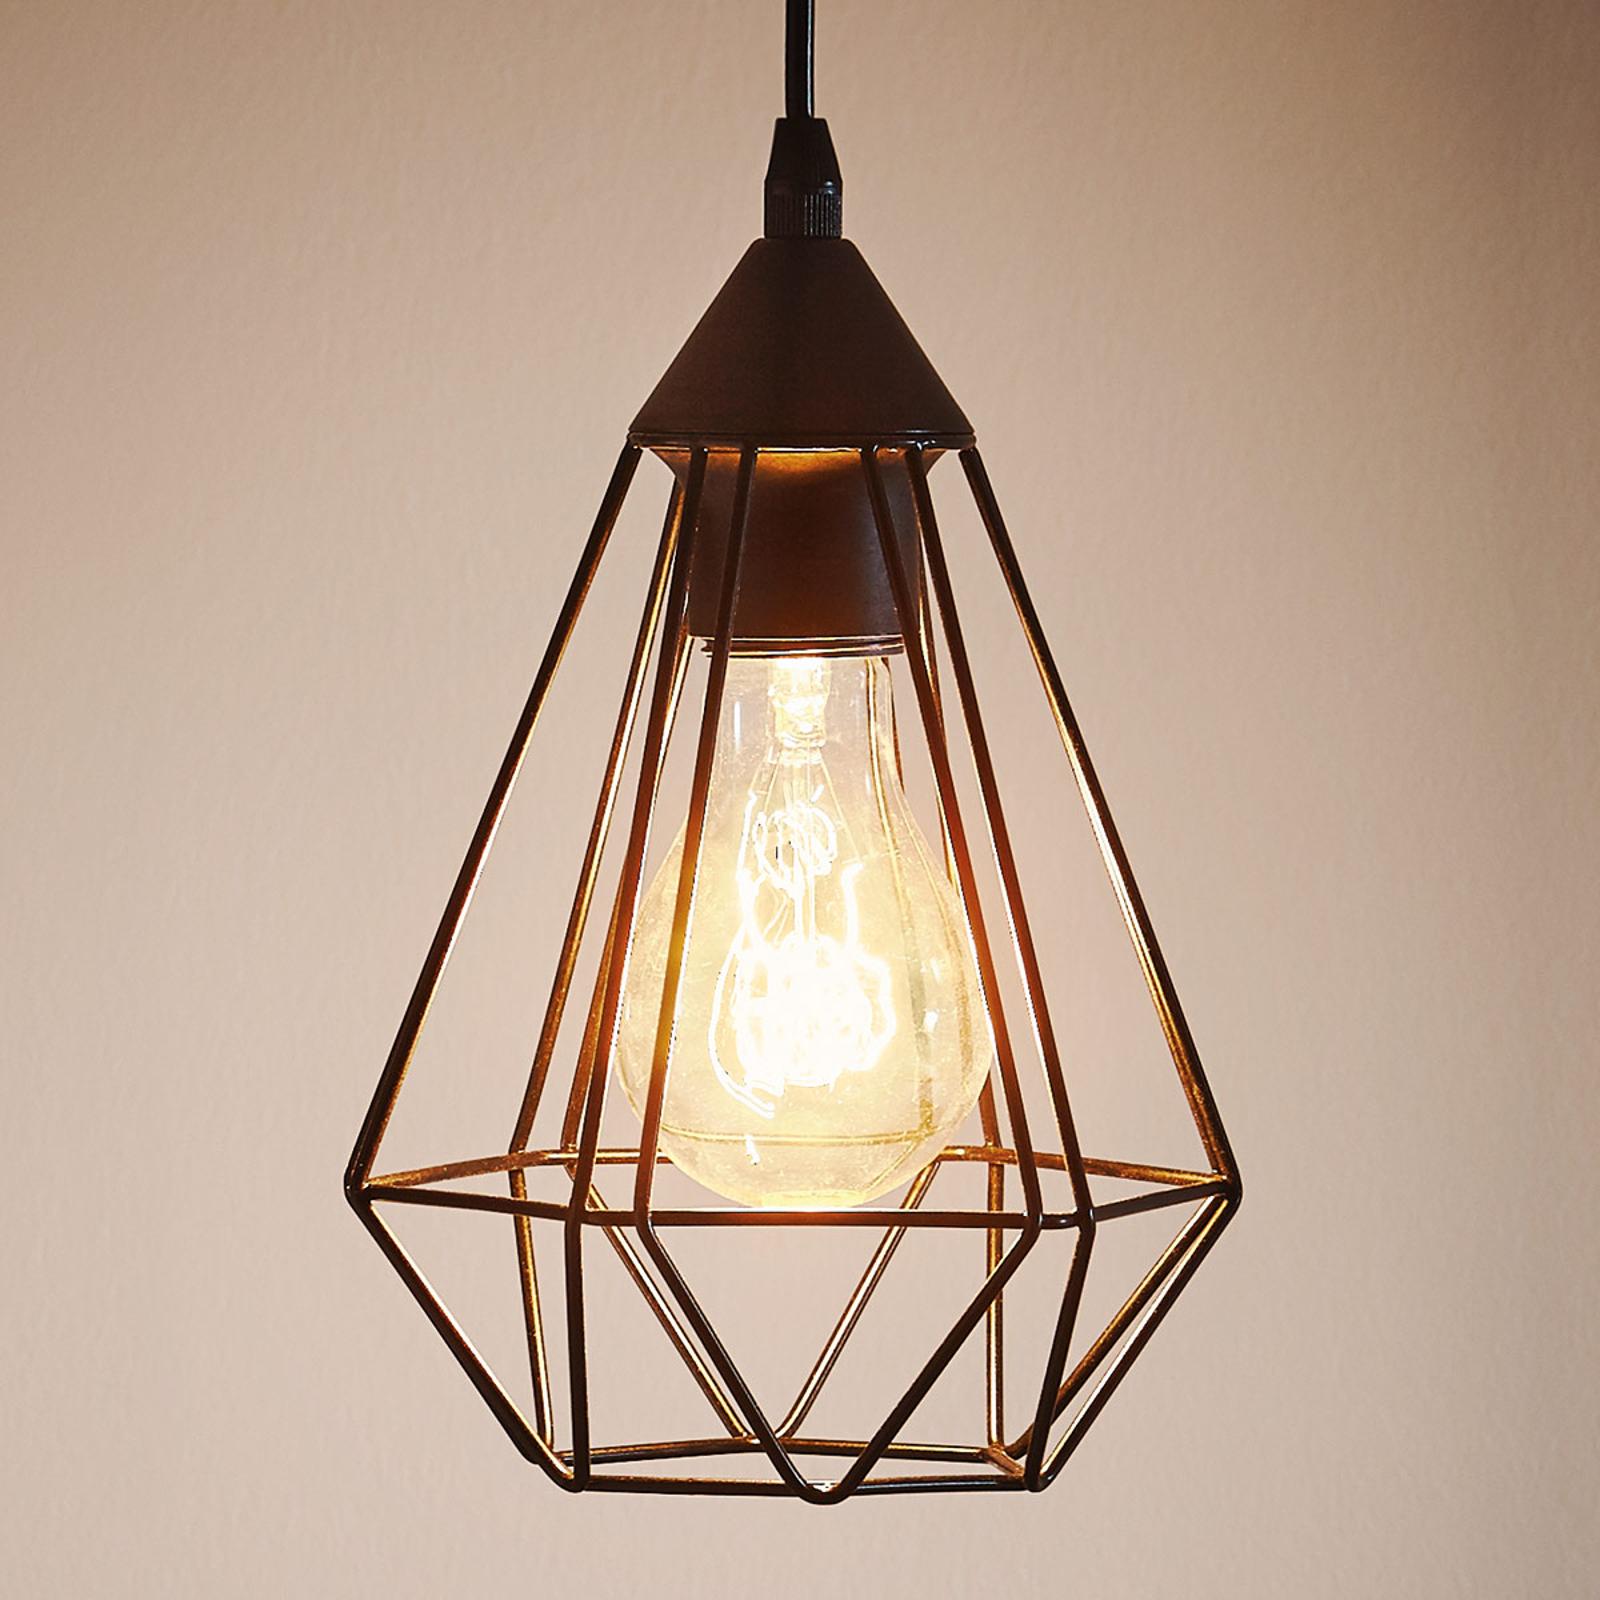 Tarbes hængelampe, 1 lyskilde, 17,5 cm, sort